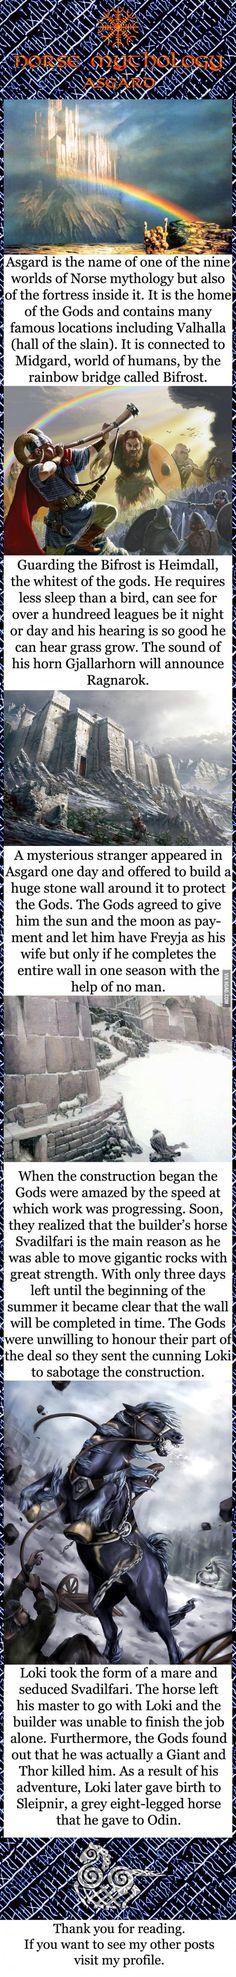 Norse mythology - Asgard